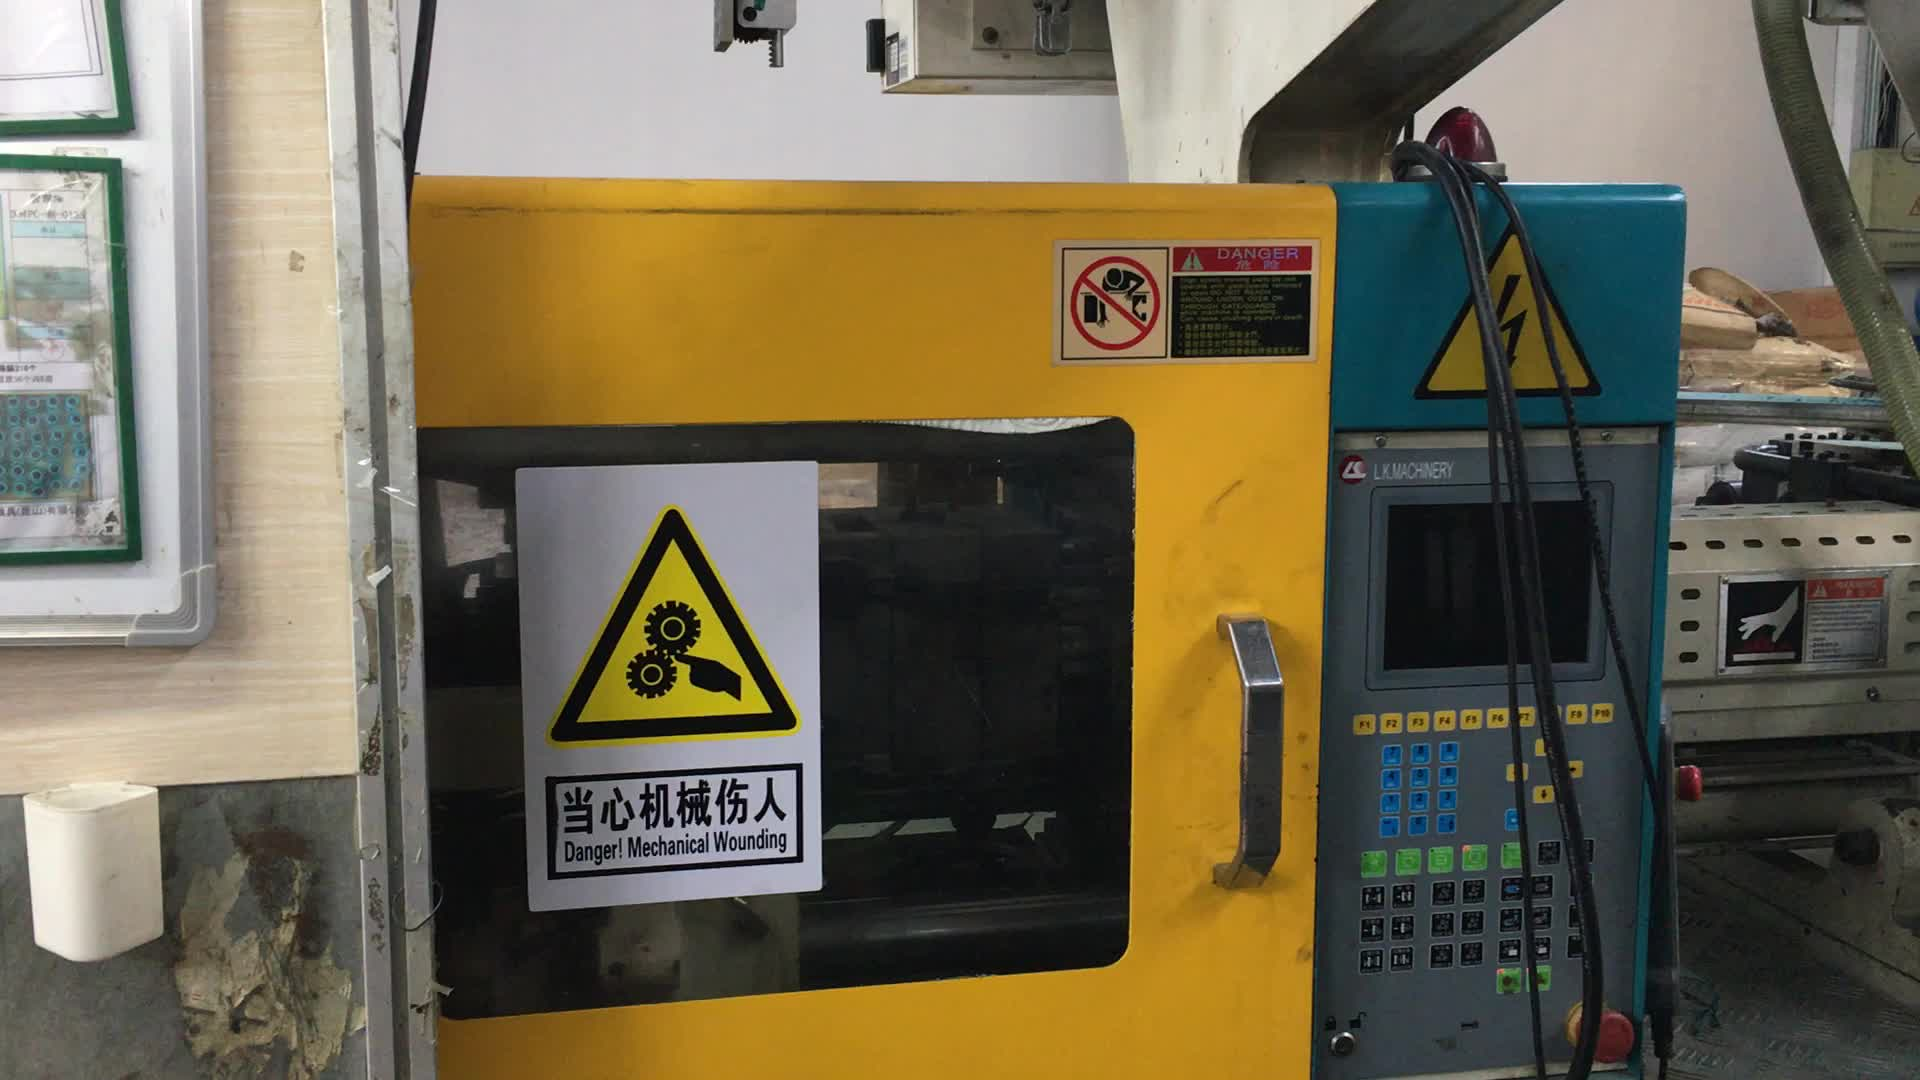 Trung quốc nhà sản xuất tốt nhất bán ép nhựa sản phẩm, danh sách của các sản phẩm nhựa